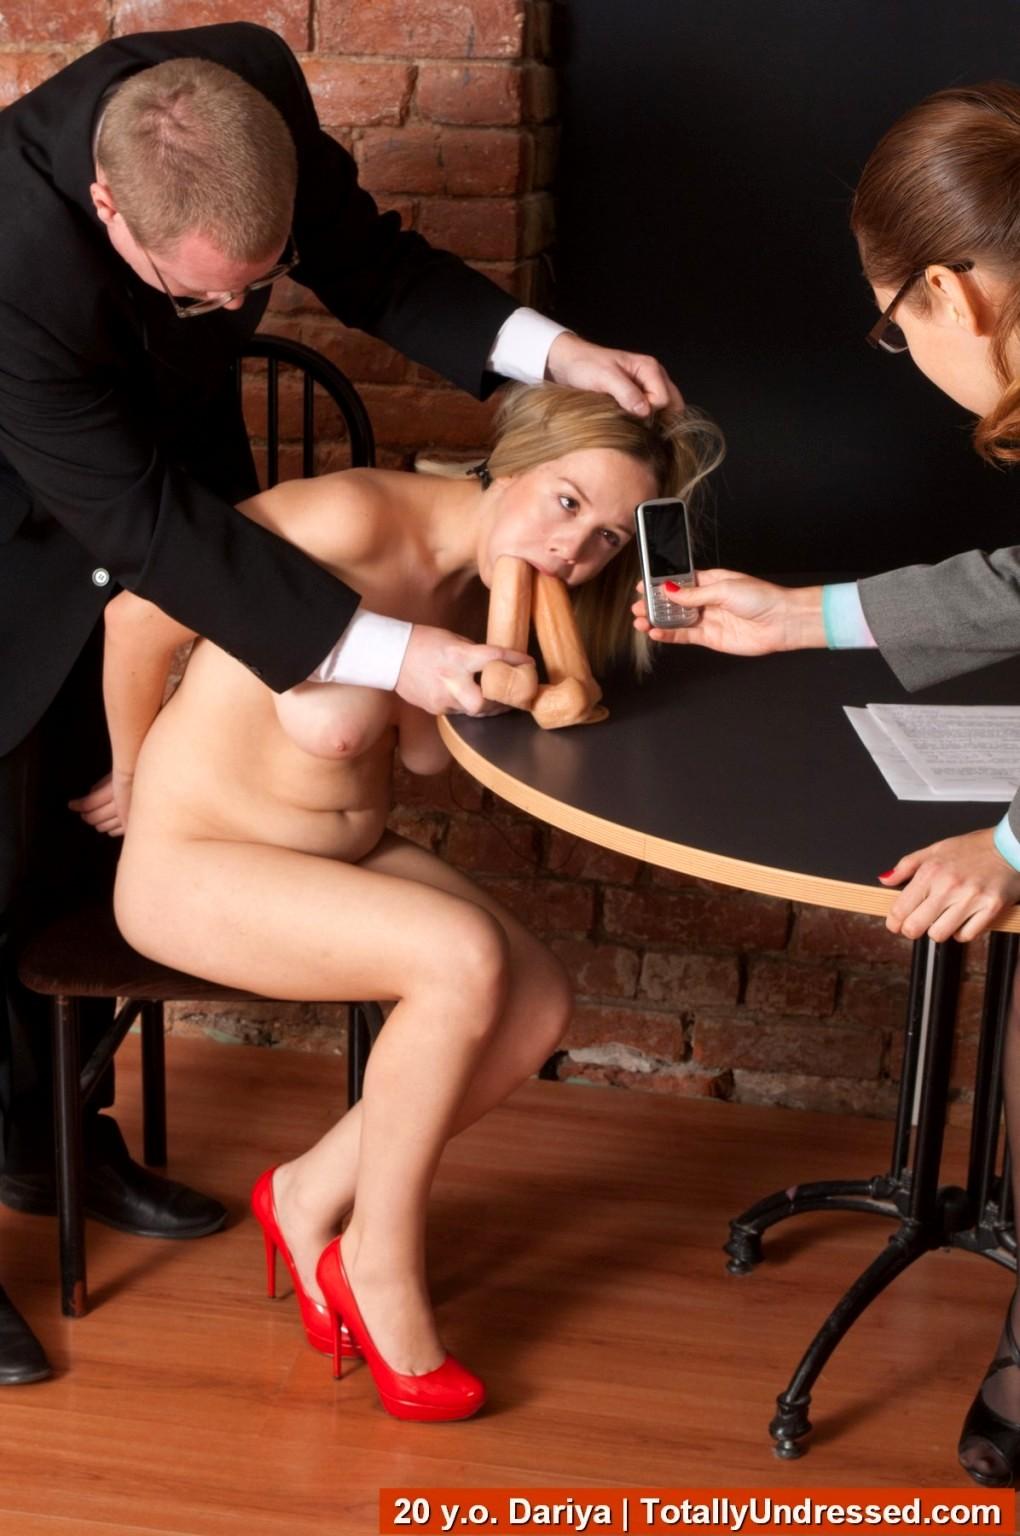 Смотреть онлайн секс на собеседовании блондинка